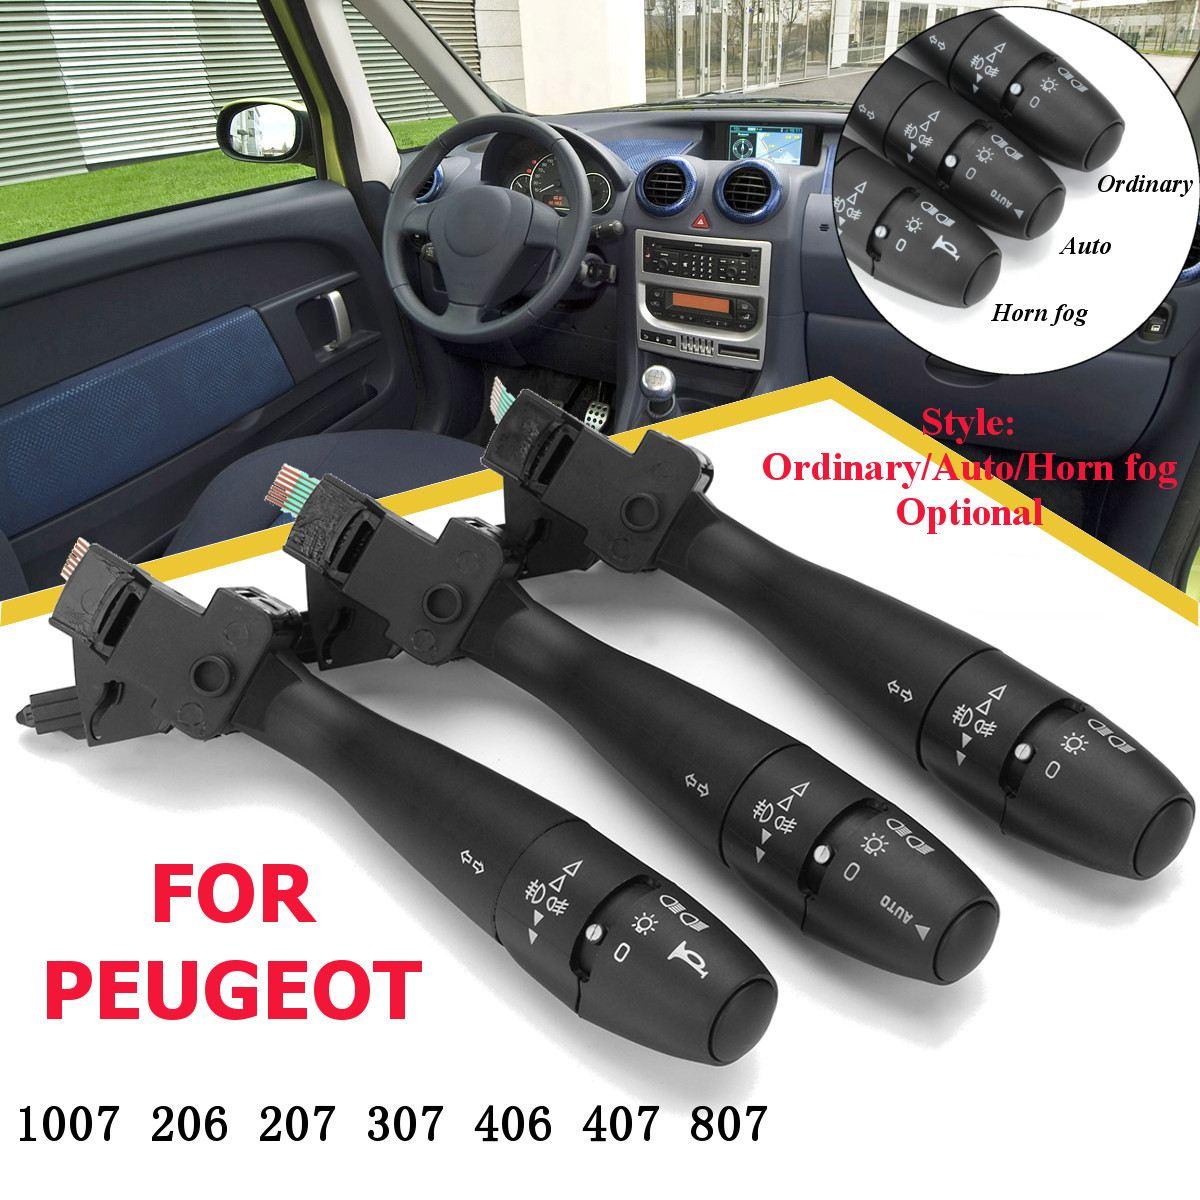 Coche indicador de señal interruptor de dirección cuerno de columna de 96477533XT para PEUGEOT 1007, 206, 207, 307, 406, 407, 807